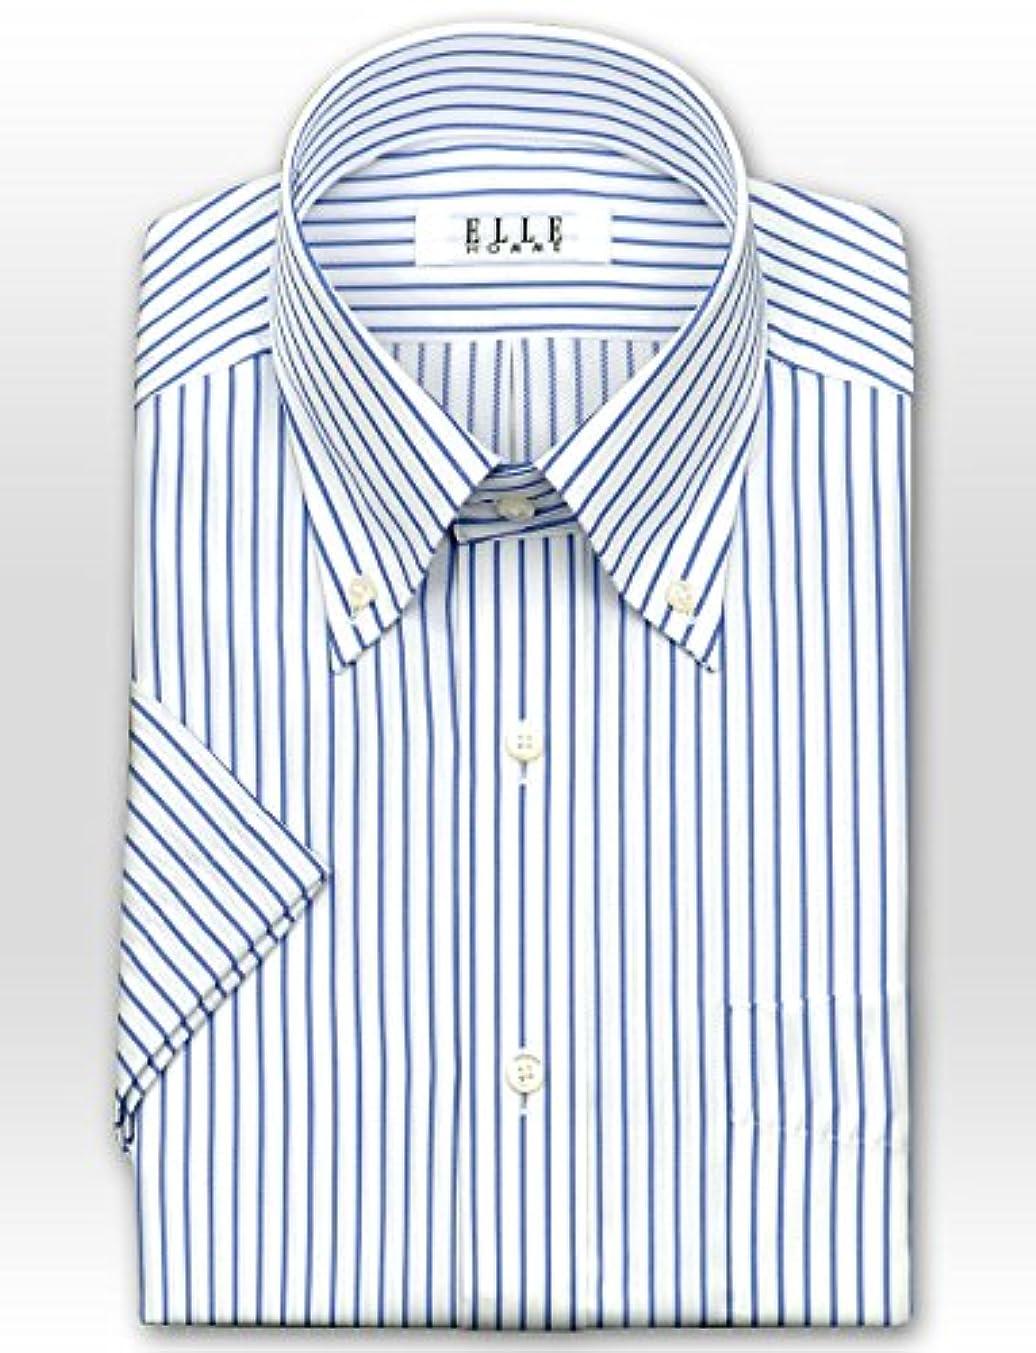 安全性記念碑どう?(エル?オム) ELLE HOMME メンズワイシャツ 半袖 ボタンダウン 形態安定加工 [455-40]